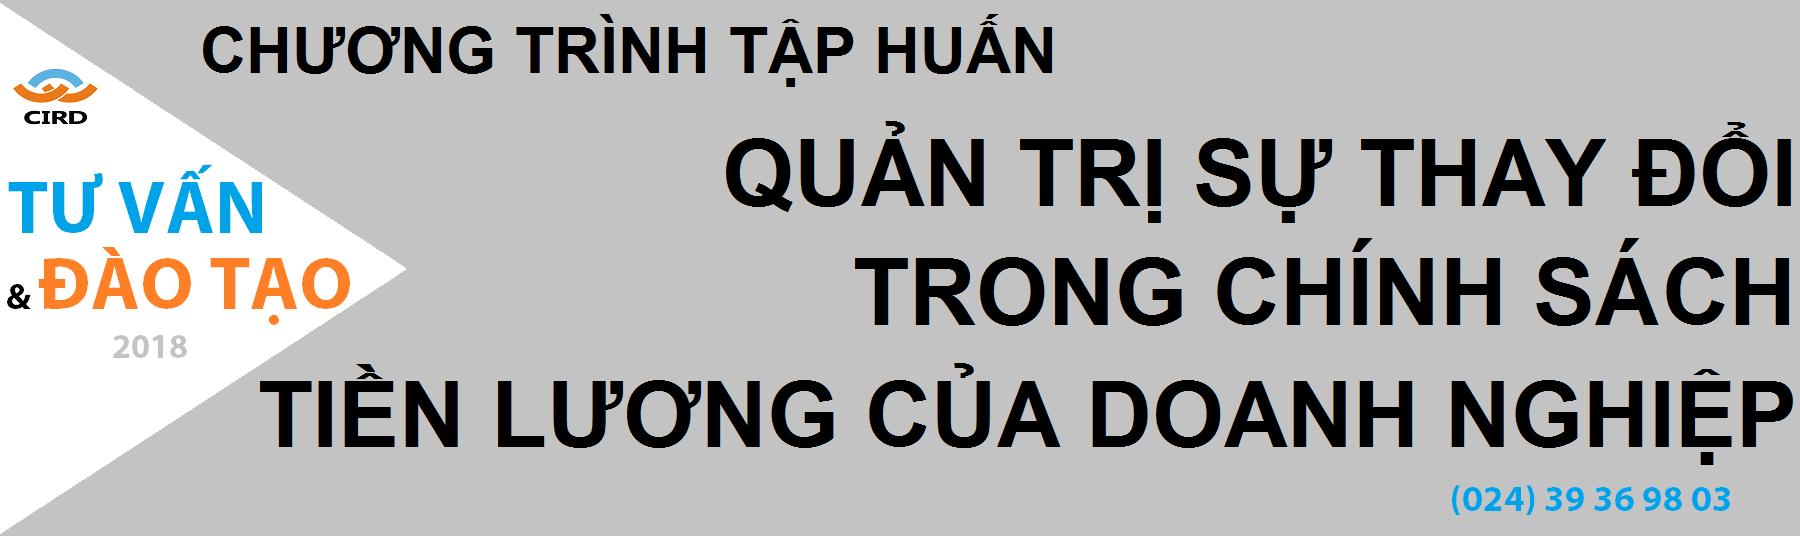 CHUONG TRINH KHAO SAT NOI LAM VIEC